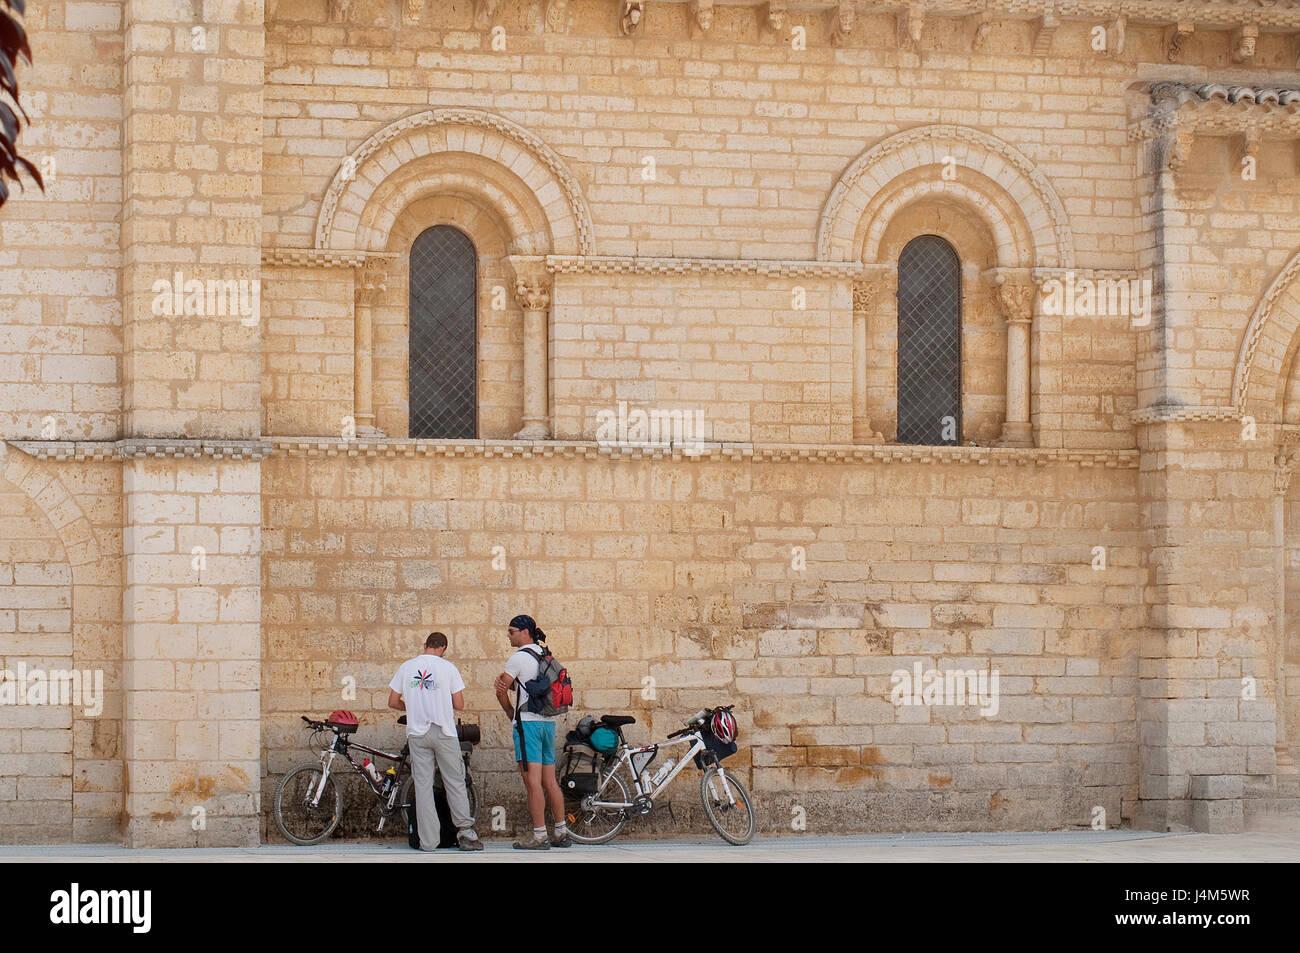 Two pilgrims at San Martin church. Camino de Santiago, Fromista, Palencia province, Castilla Leon, Spain. - Stock Image